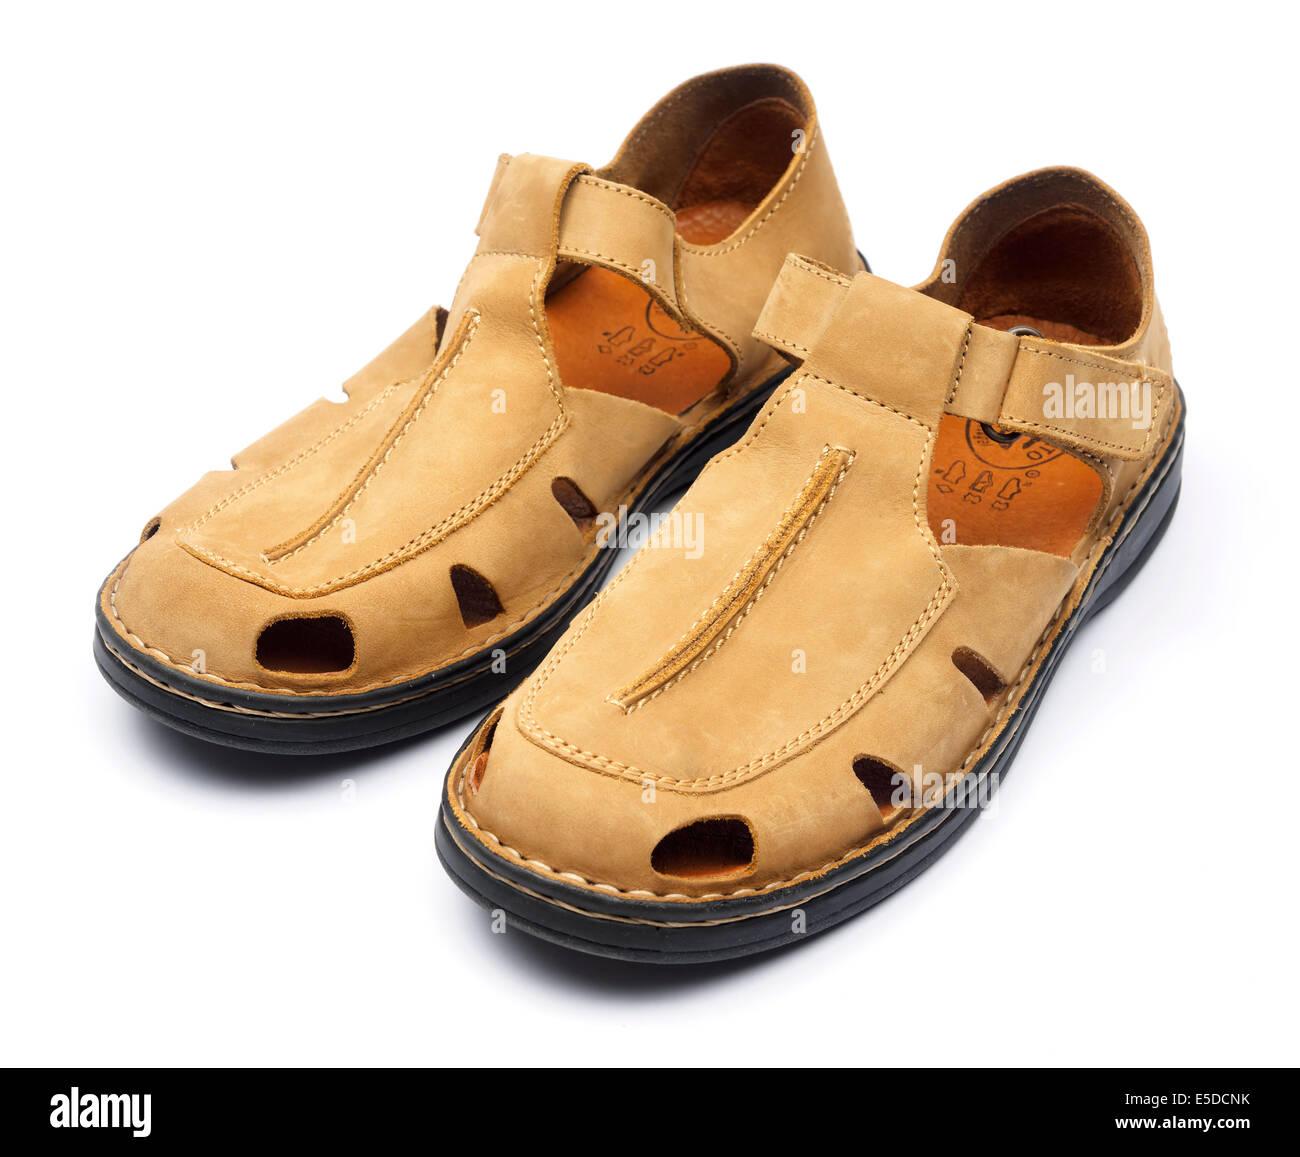 Herren Sandalen aus Leder schneiden Sie isoliert auf weißem Hintergrund  Stockbild cffbad3bbd